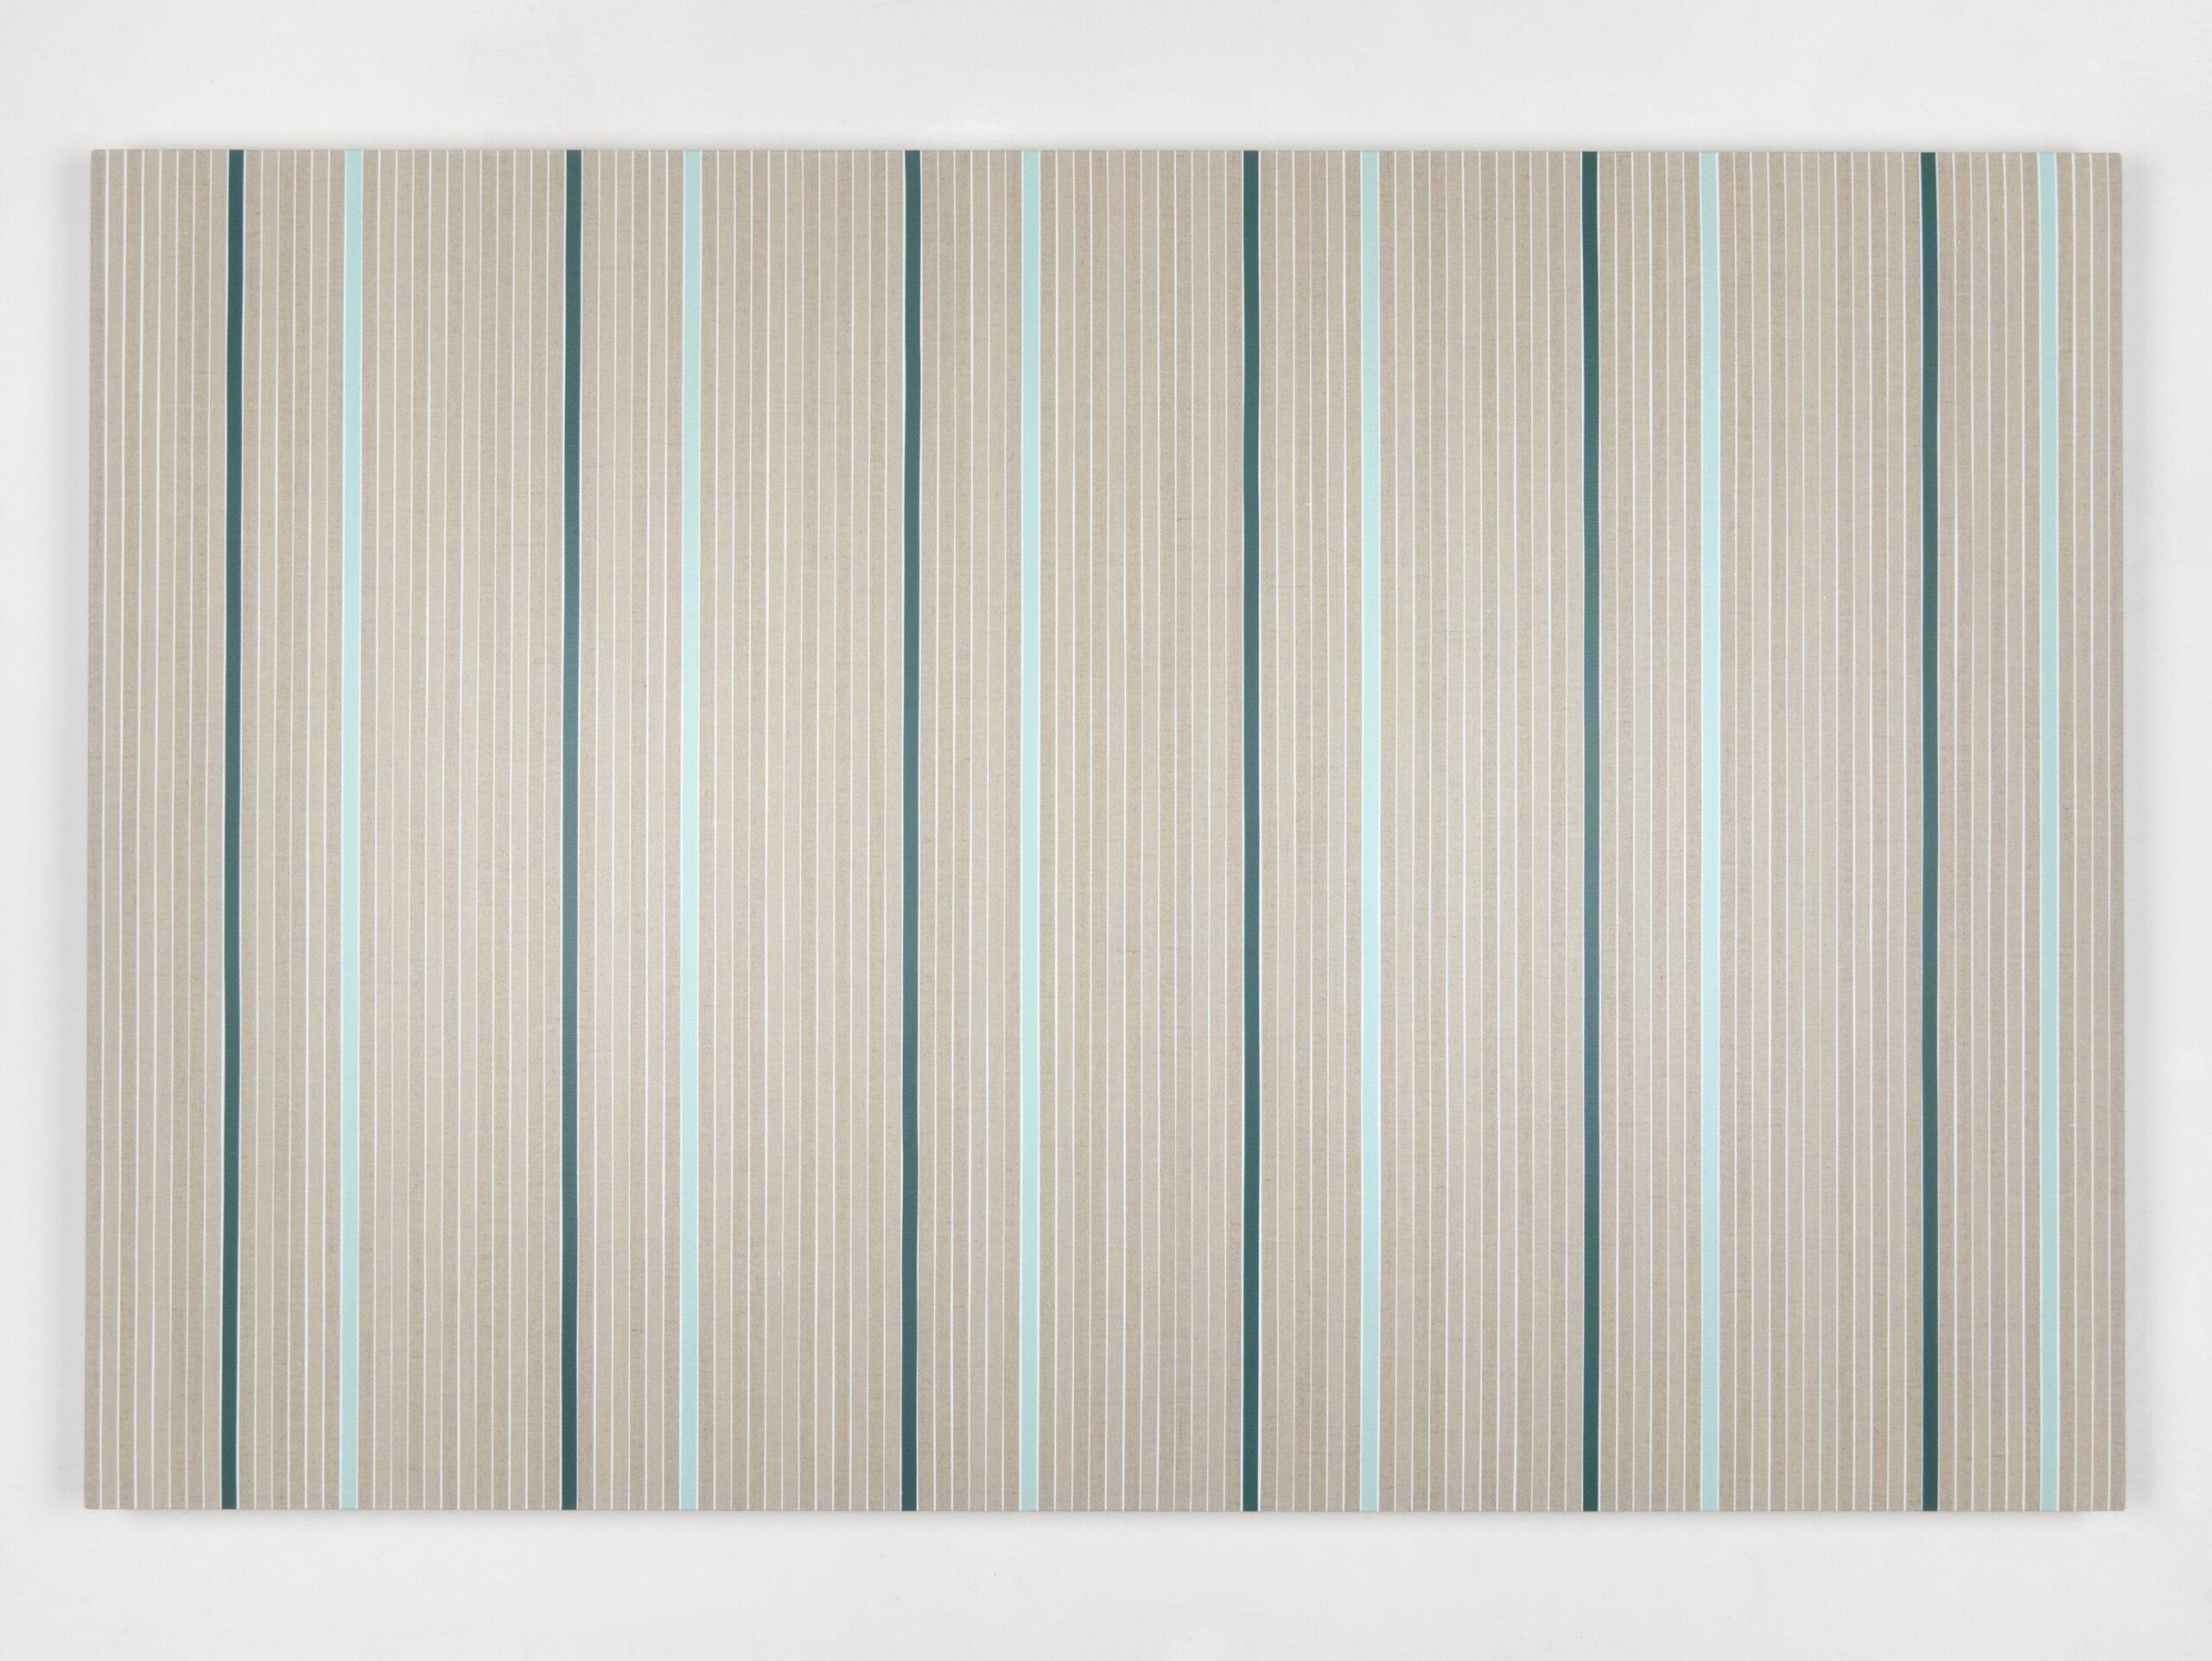 La gabbie cromatiche di Vincenzo Merola a Spoleto